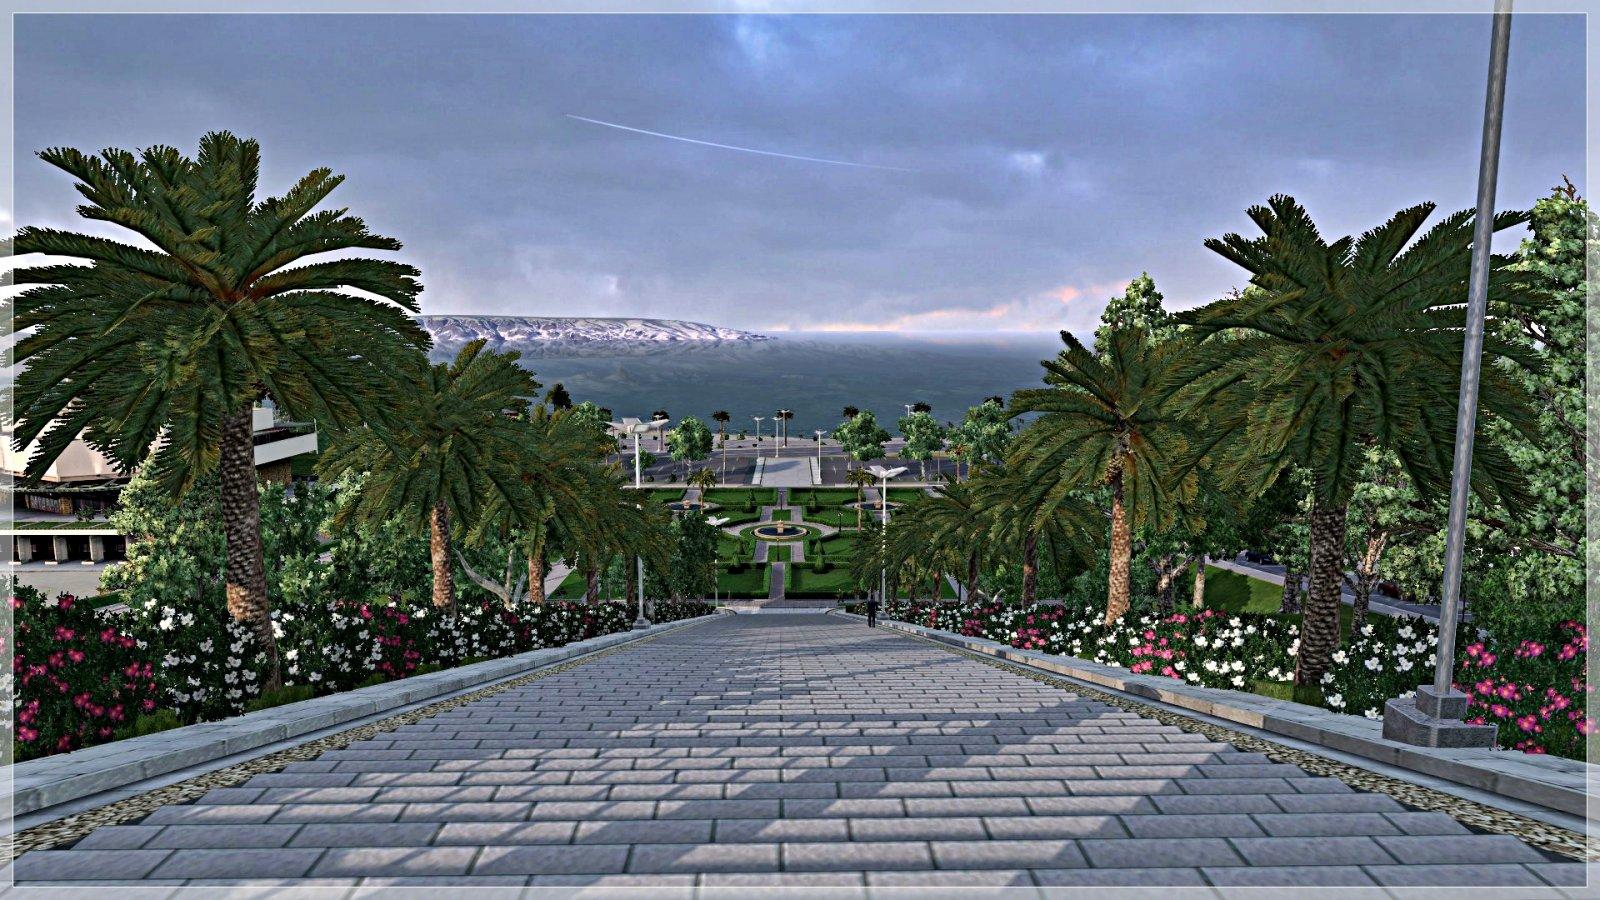 gamescreen0029.jpg